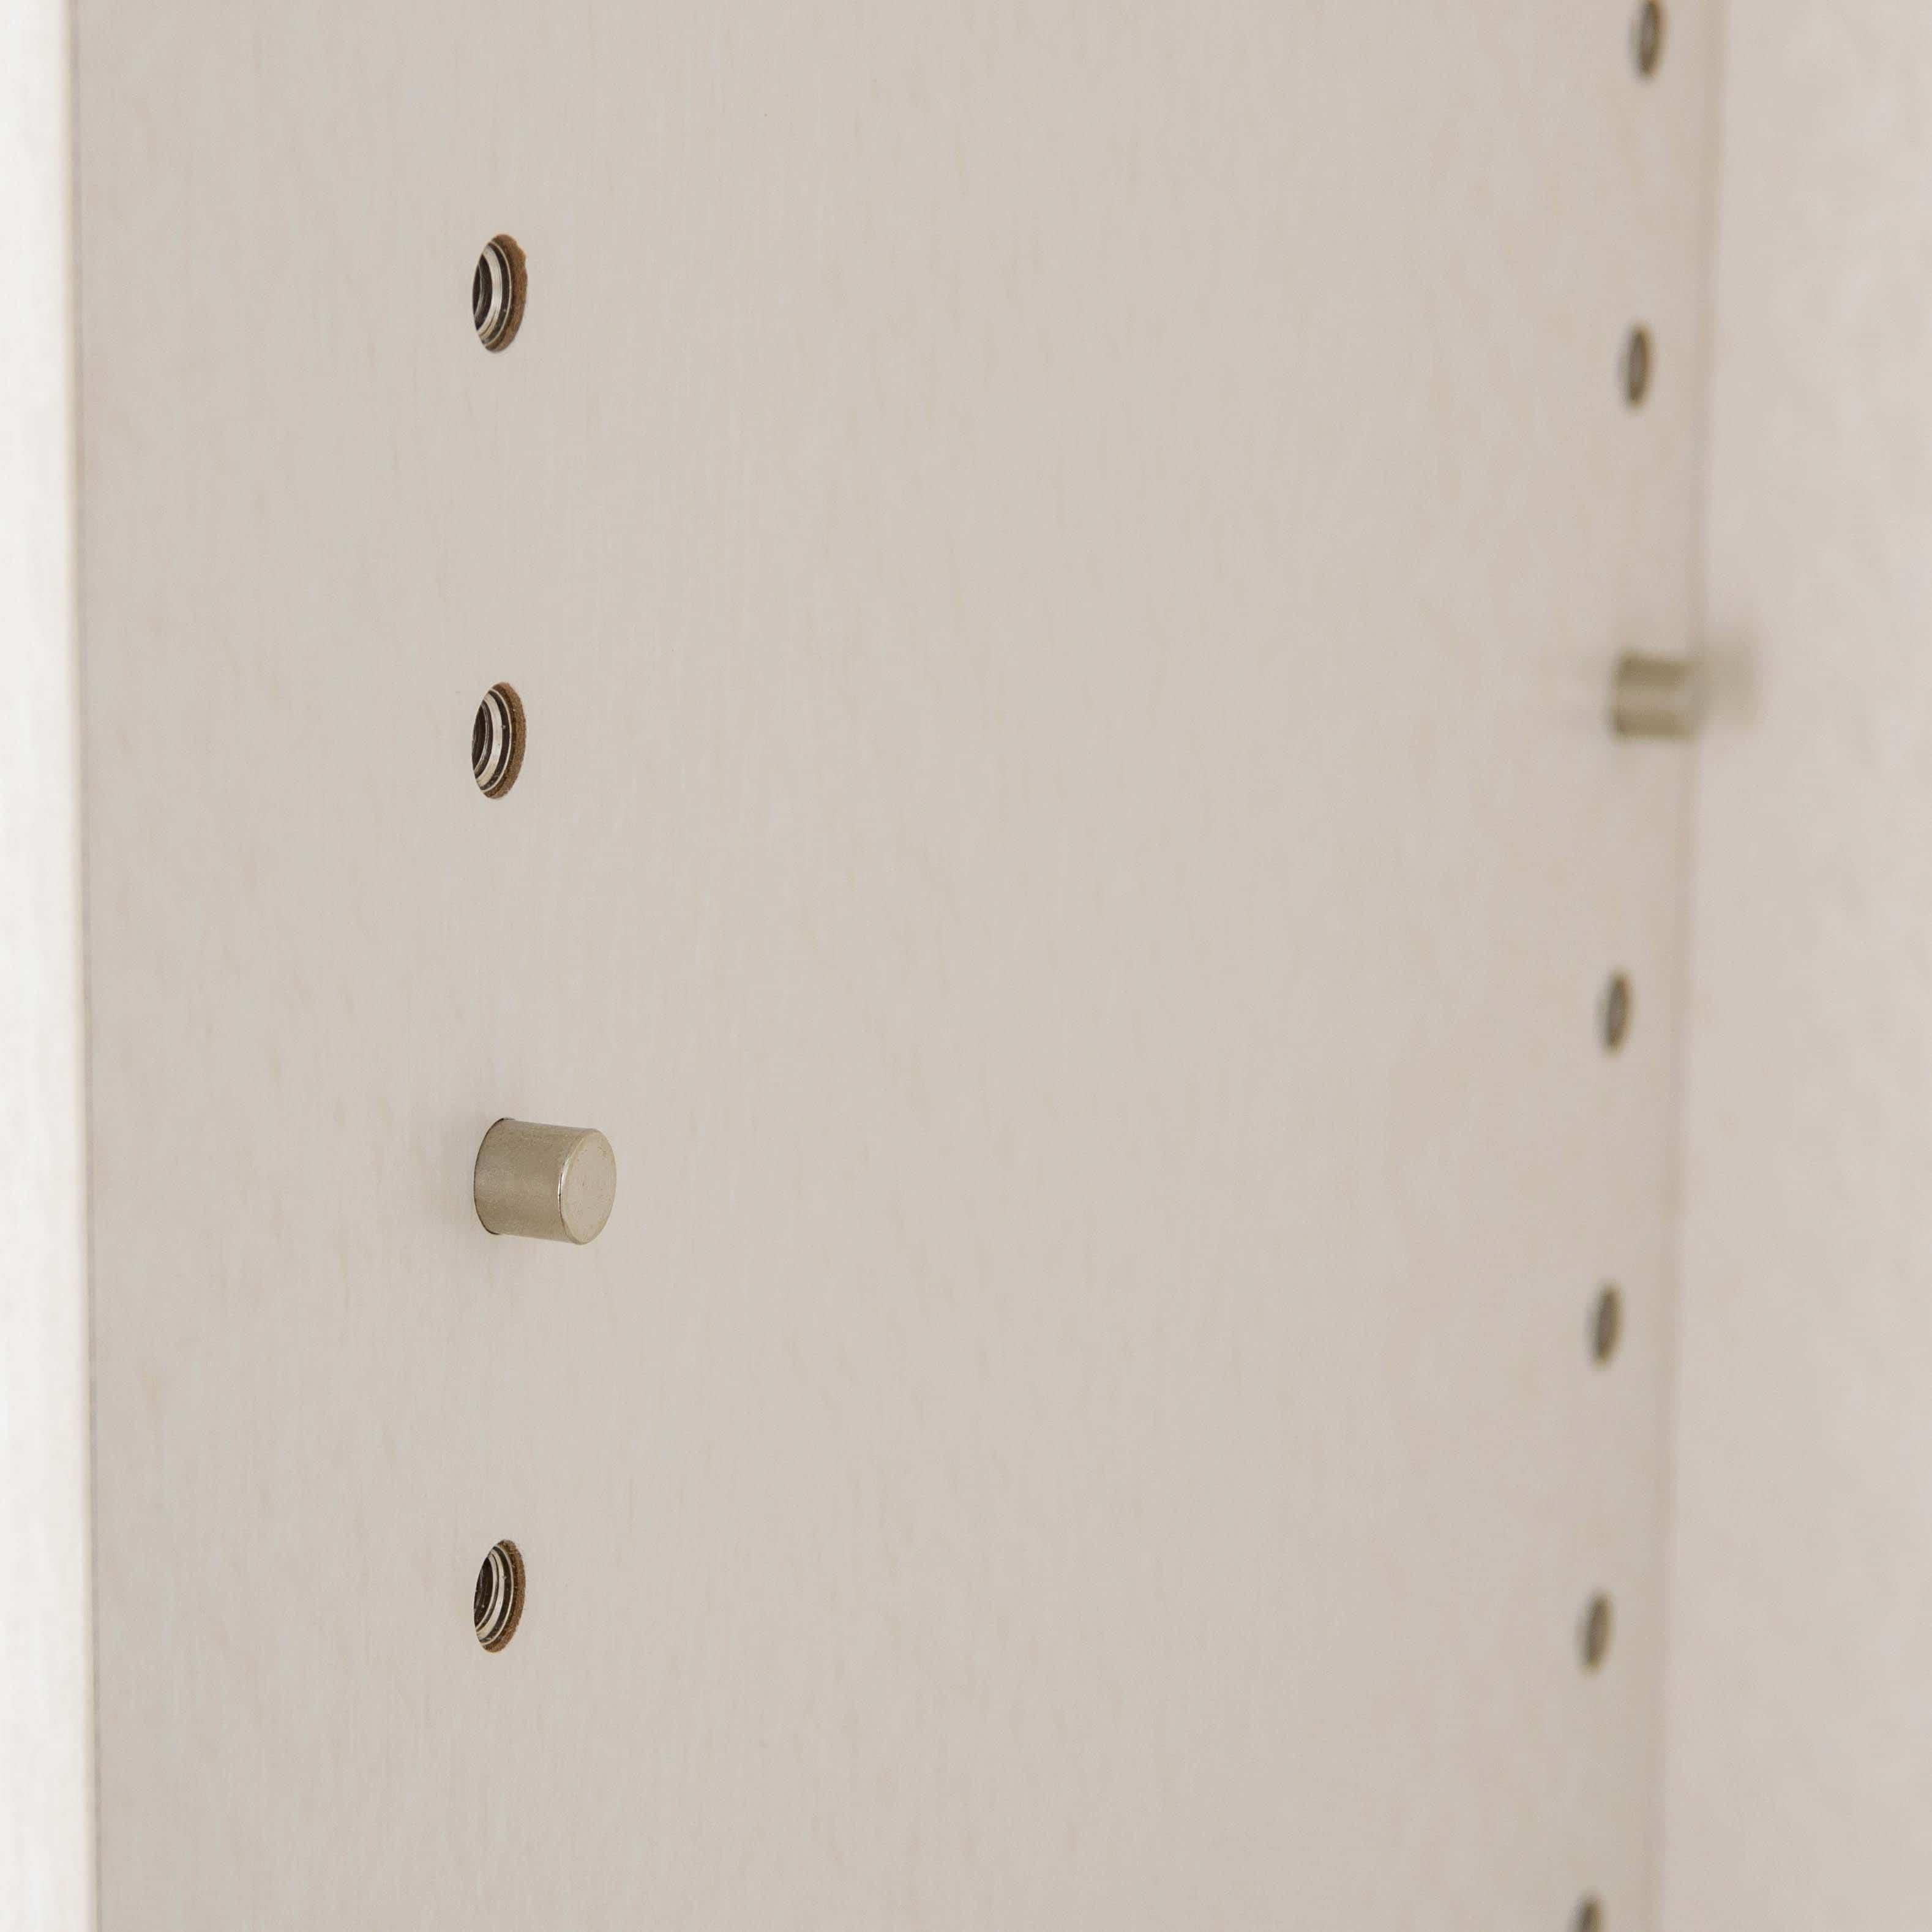 小島工芸 書棚 アコード85H(ウォールモカ):キレイに収まる魅せる収納